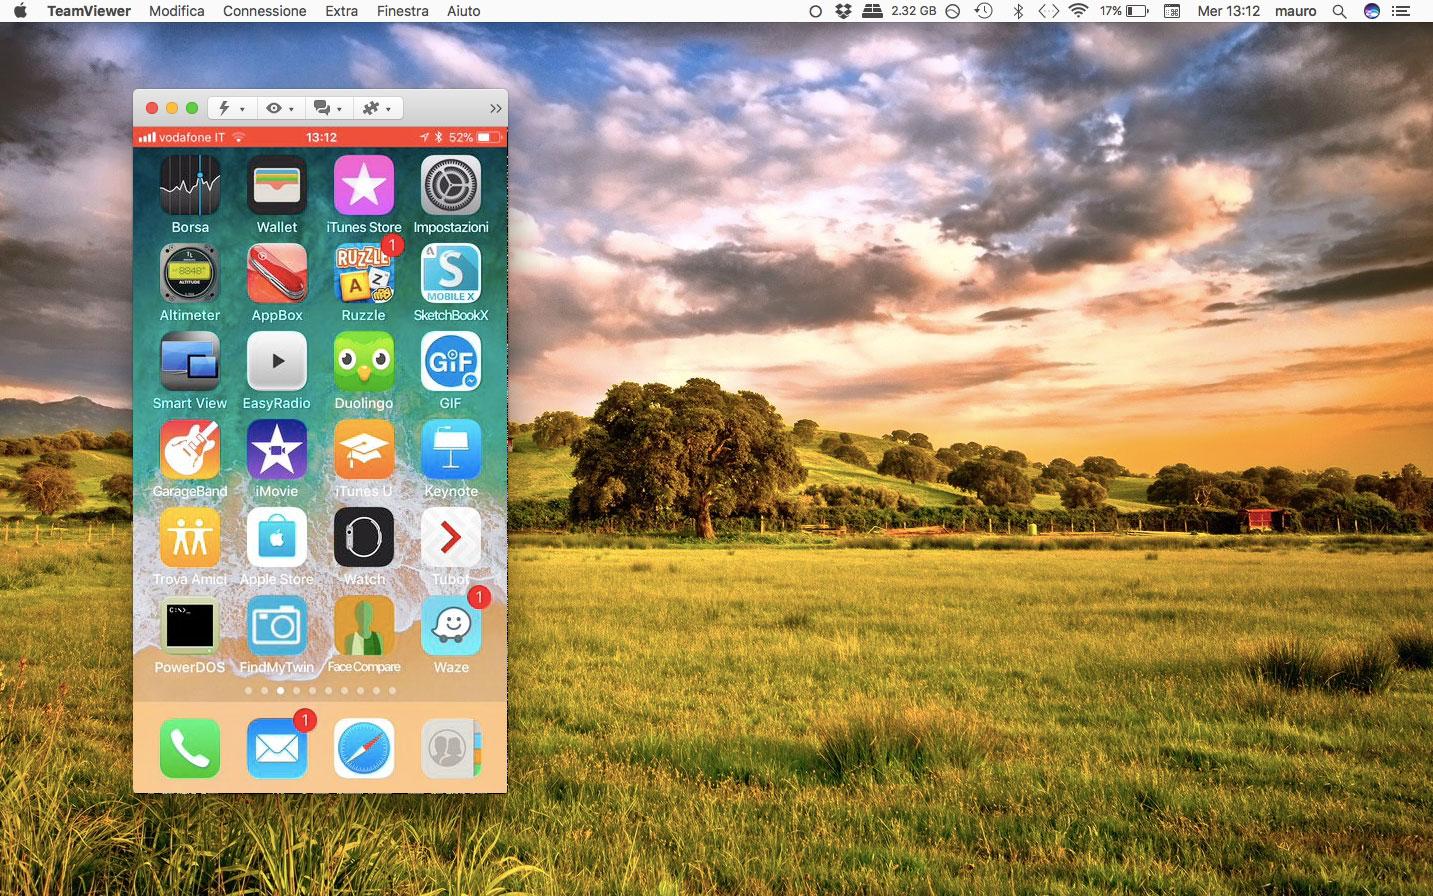 teamviewer per iPhone